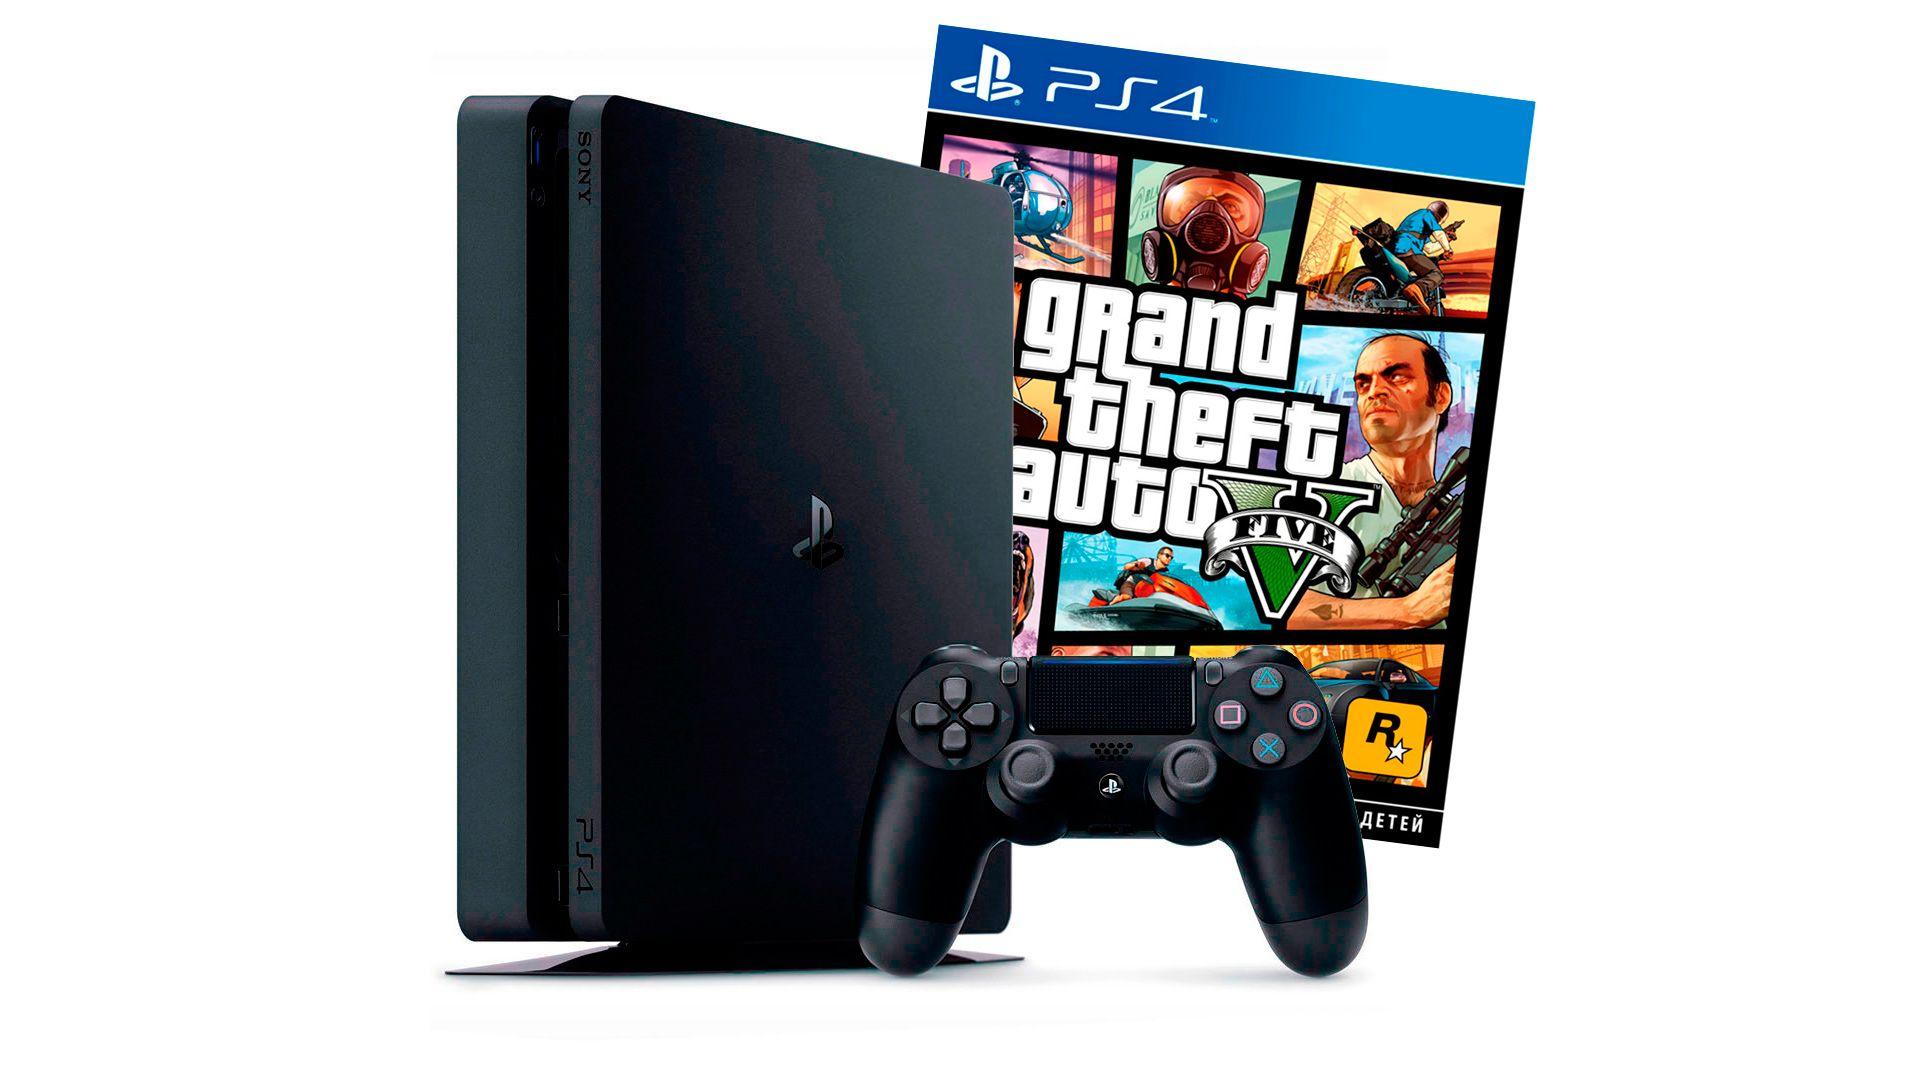 PlayStation 4 Slim 1Tb игровая приставка с игрой GTA 5 [PS4S1G5]